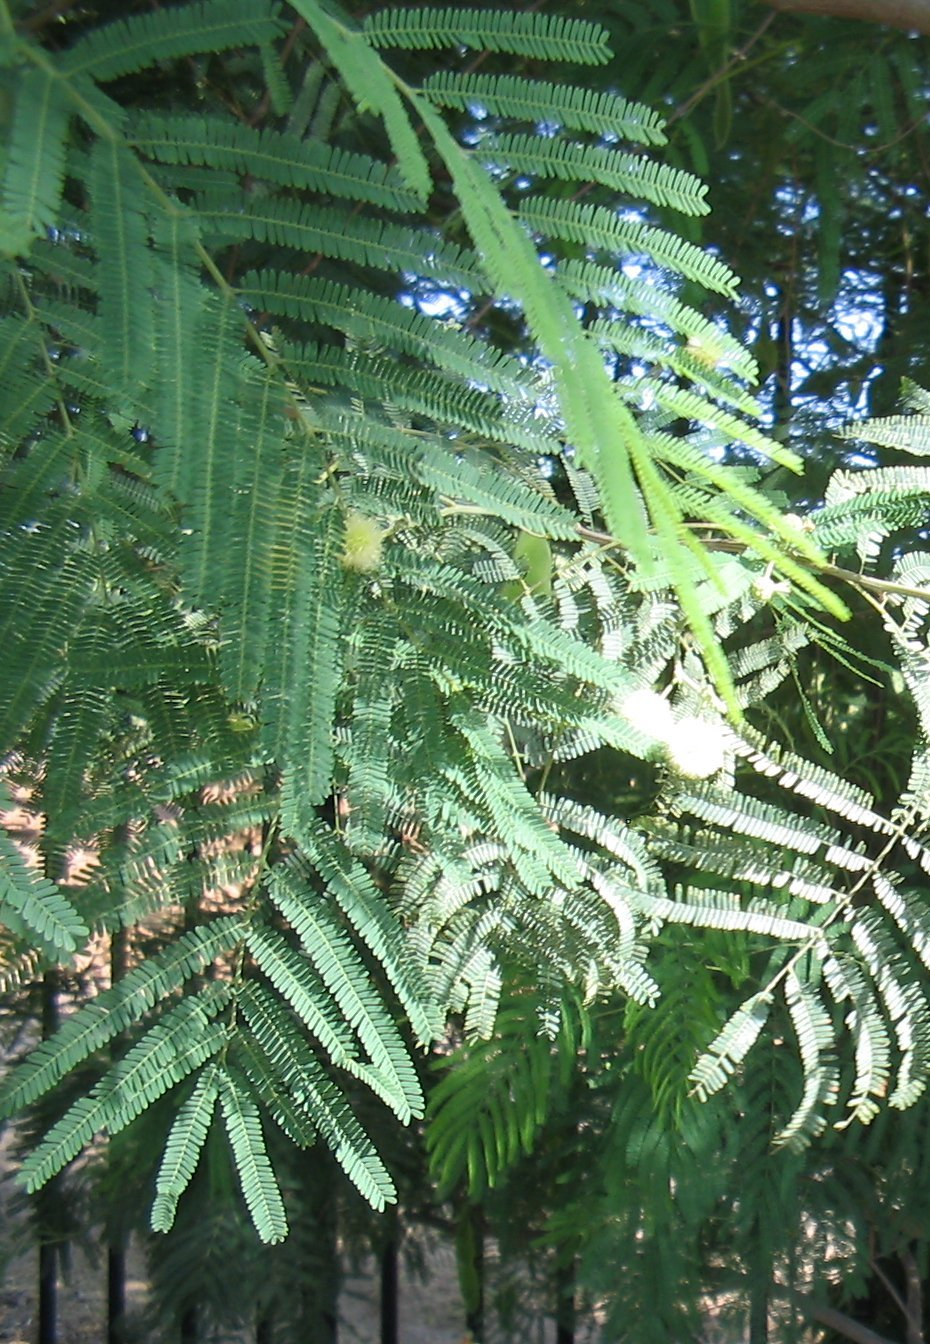 Maya∴Cosmos ☽ k↯ad☼s k⦿sm u dendron ☾: Plants containing ...